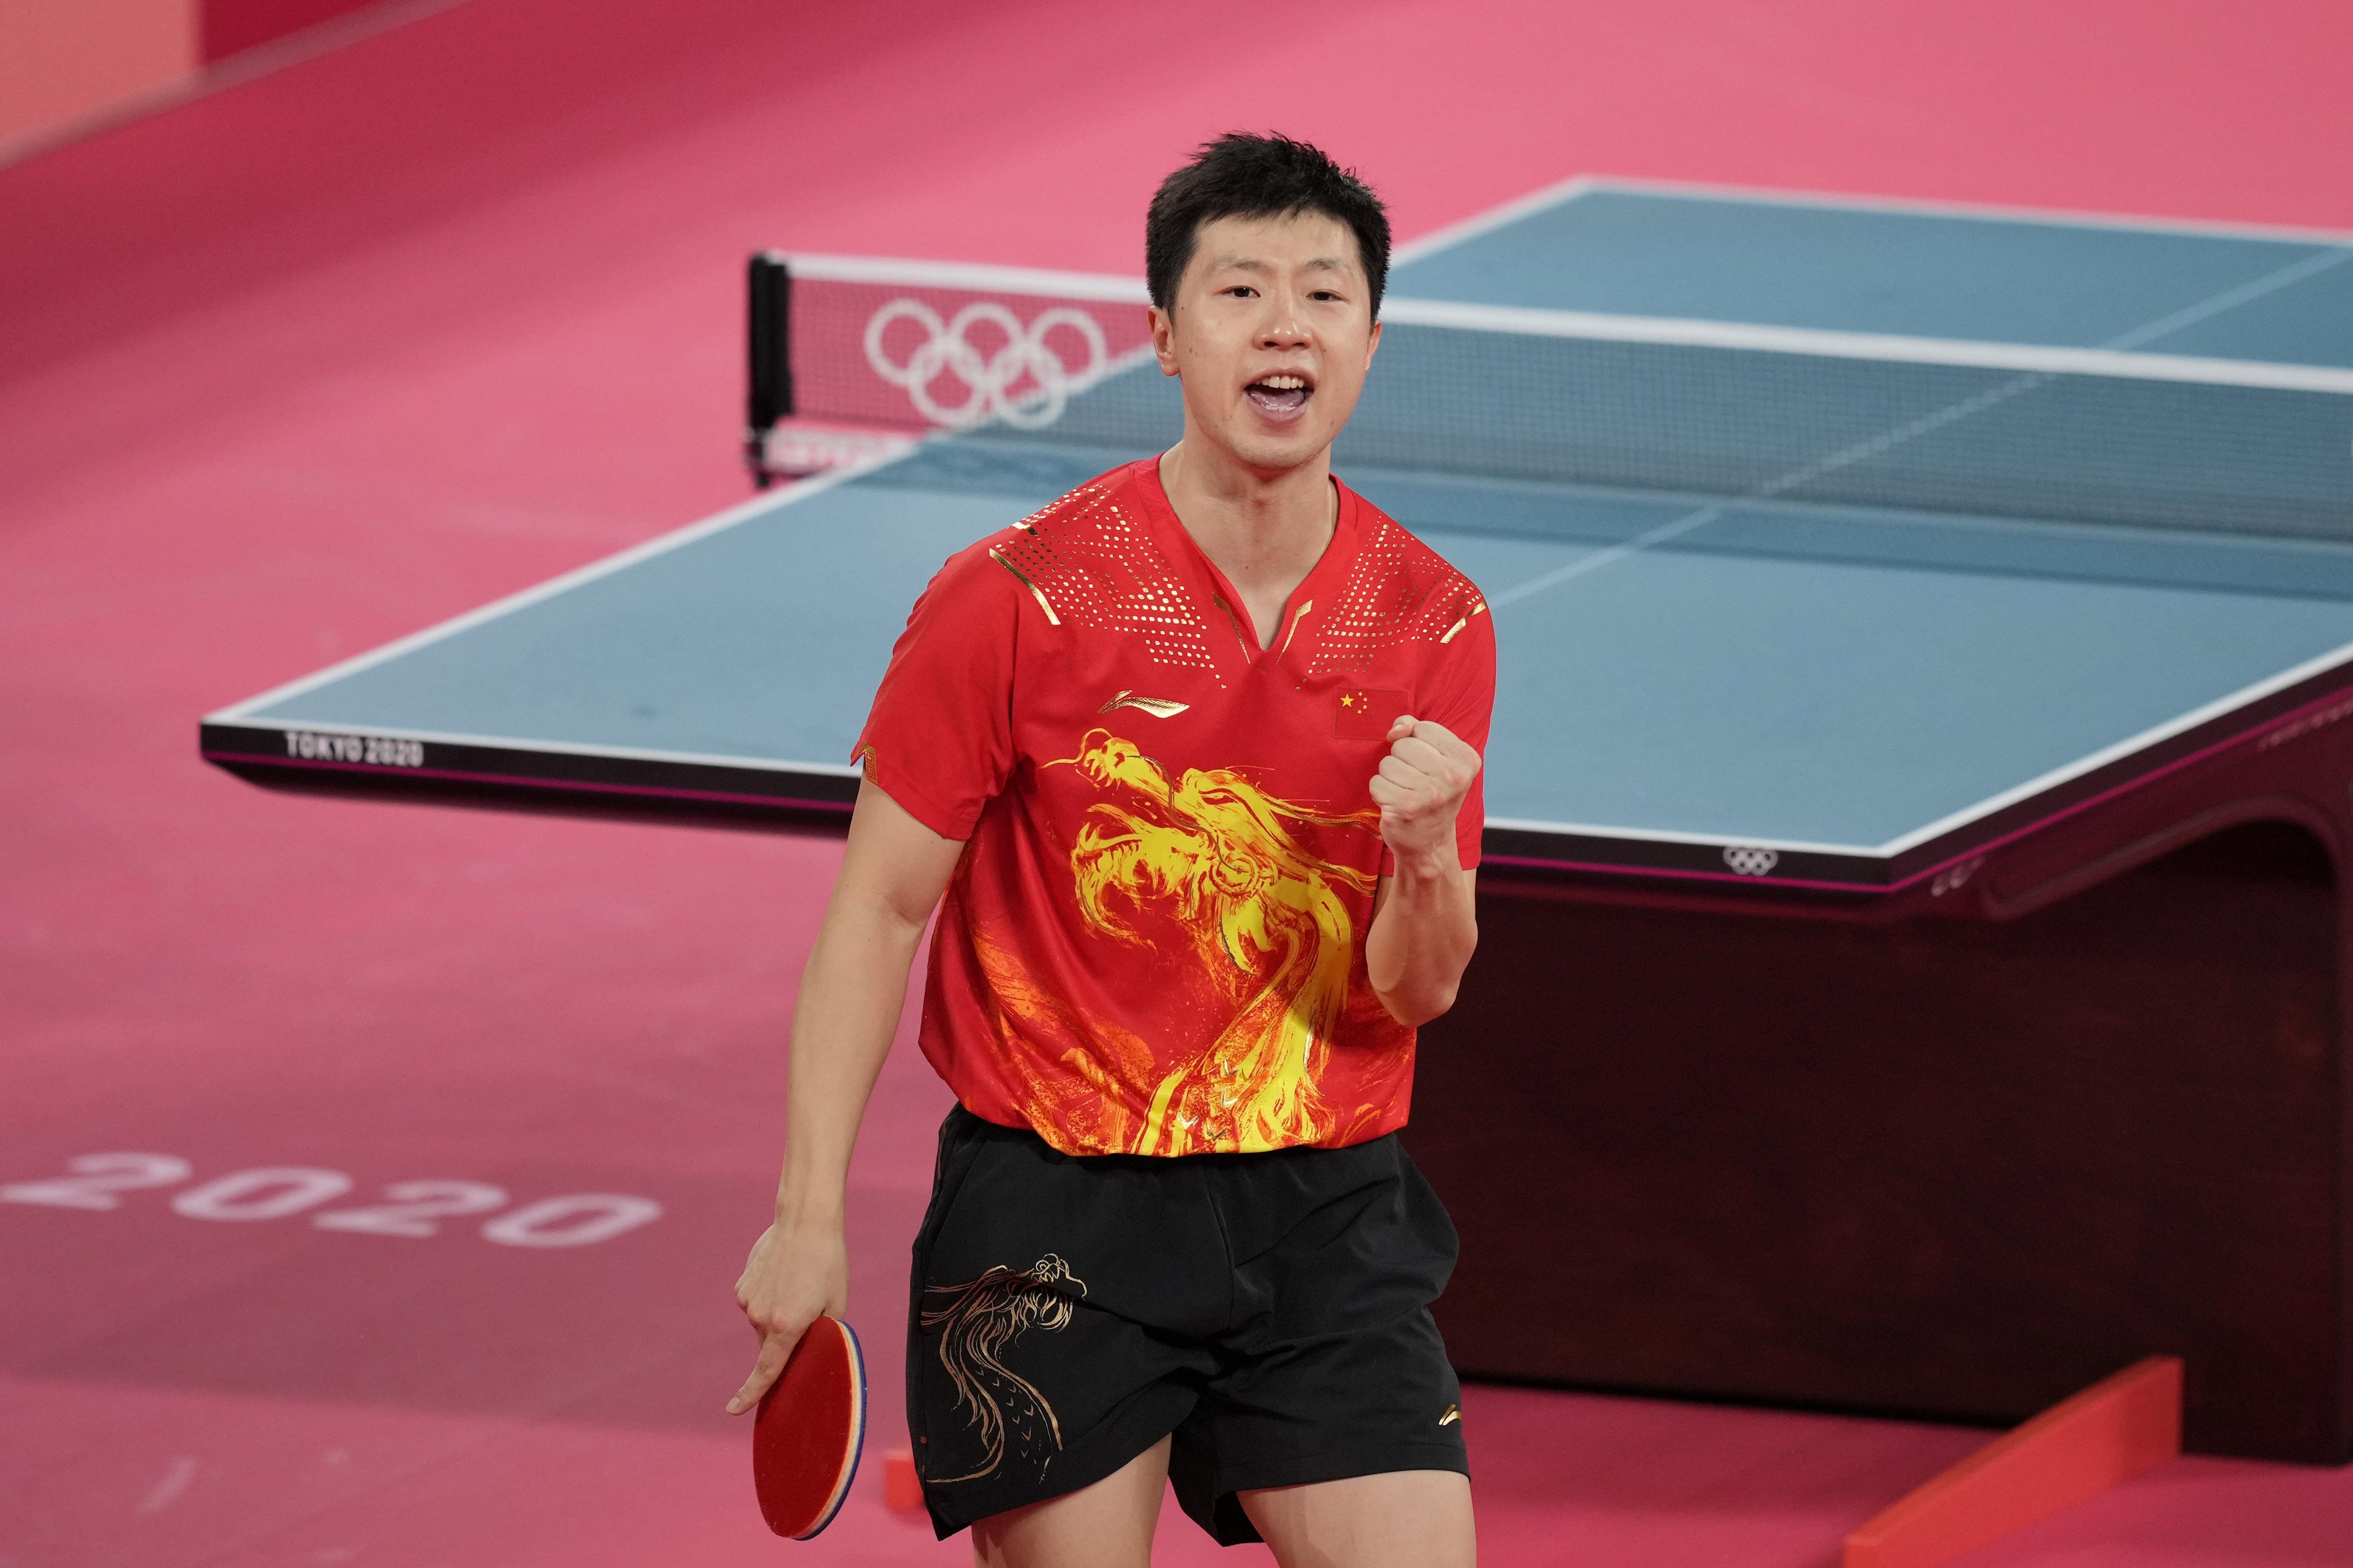 马龙3-2击败李尚洙。